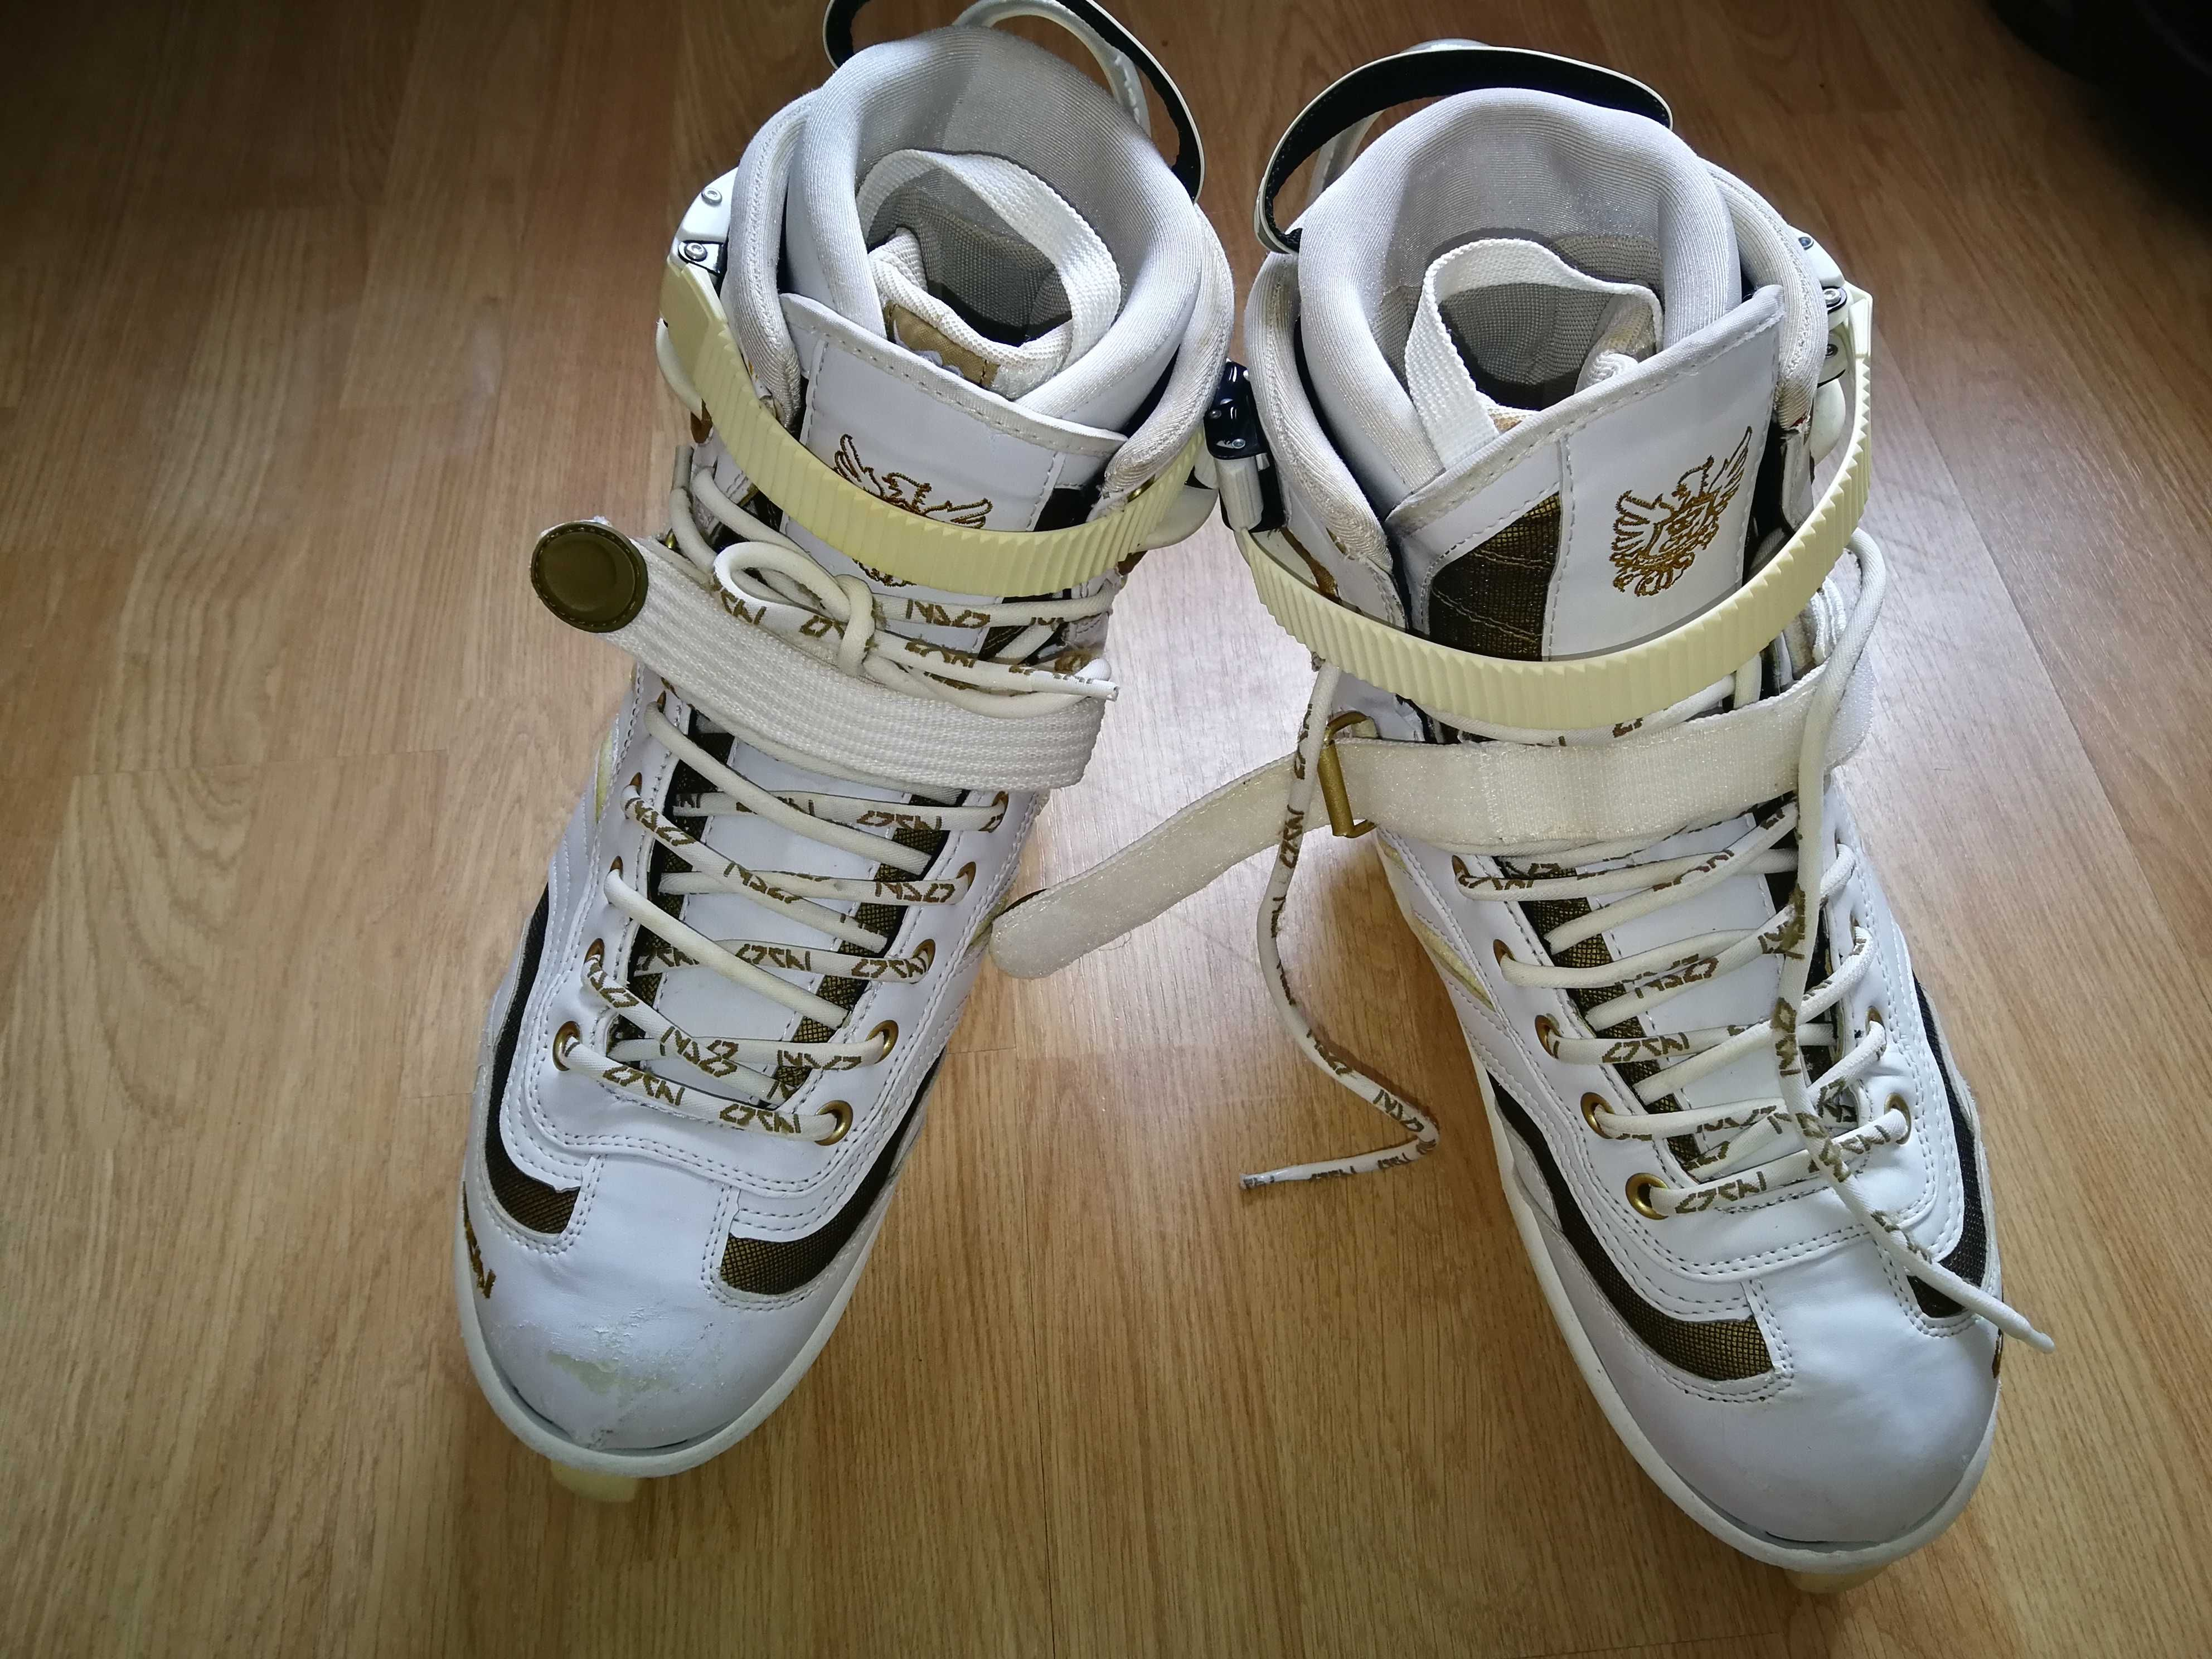 Ролери, кънки Razors / Аggressive skates. Номер 44 - 43